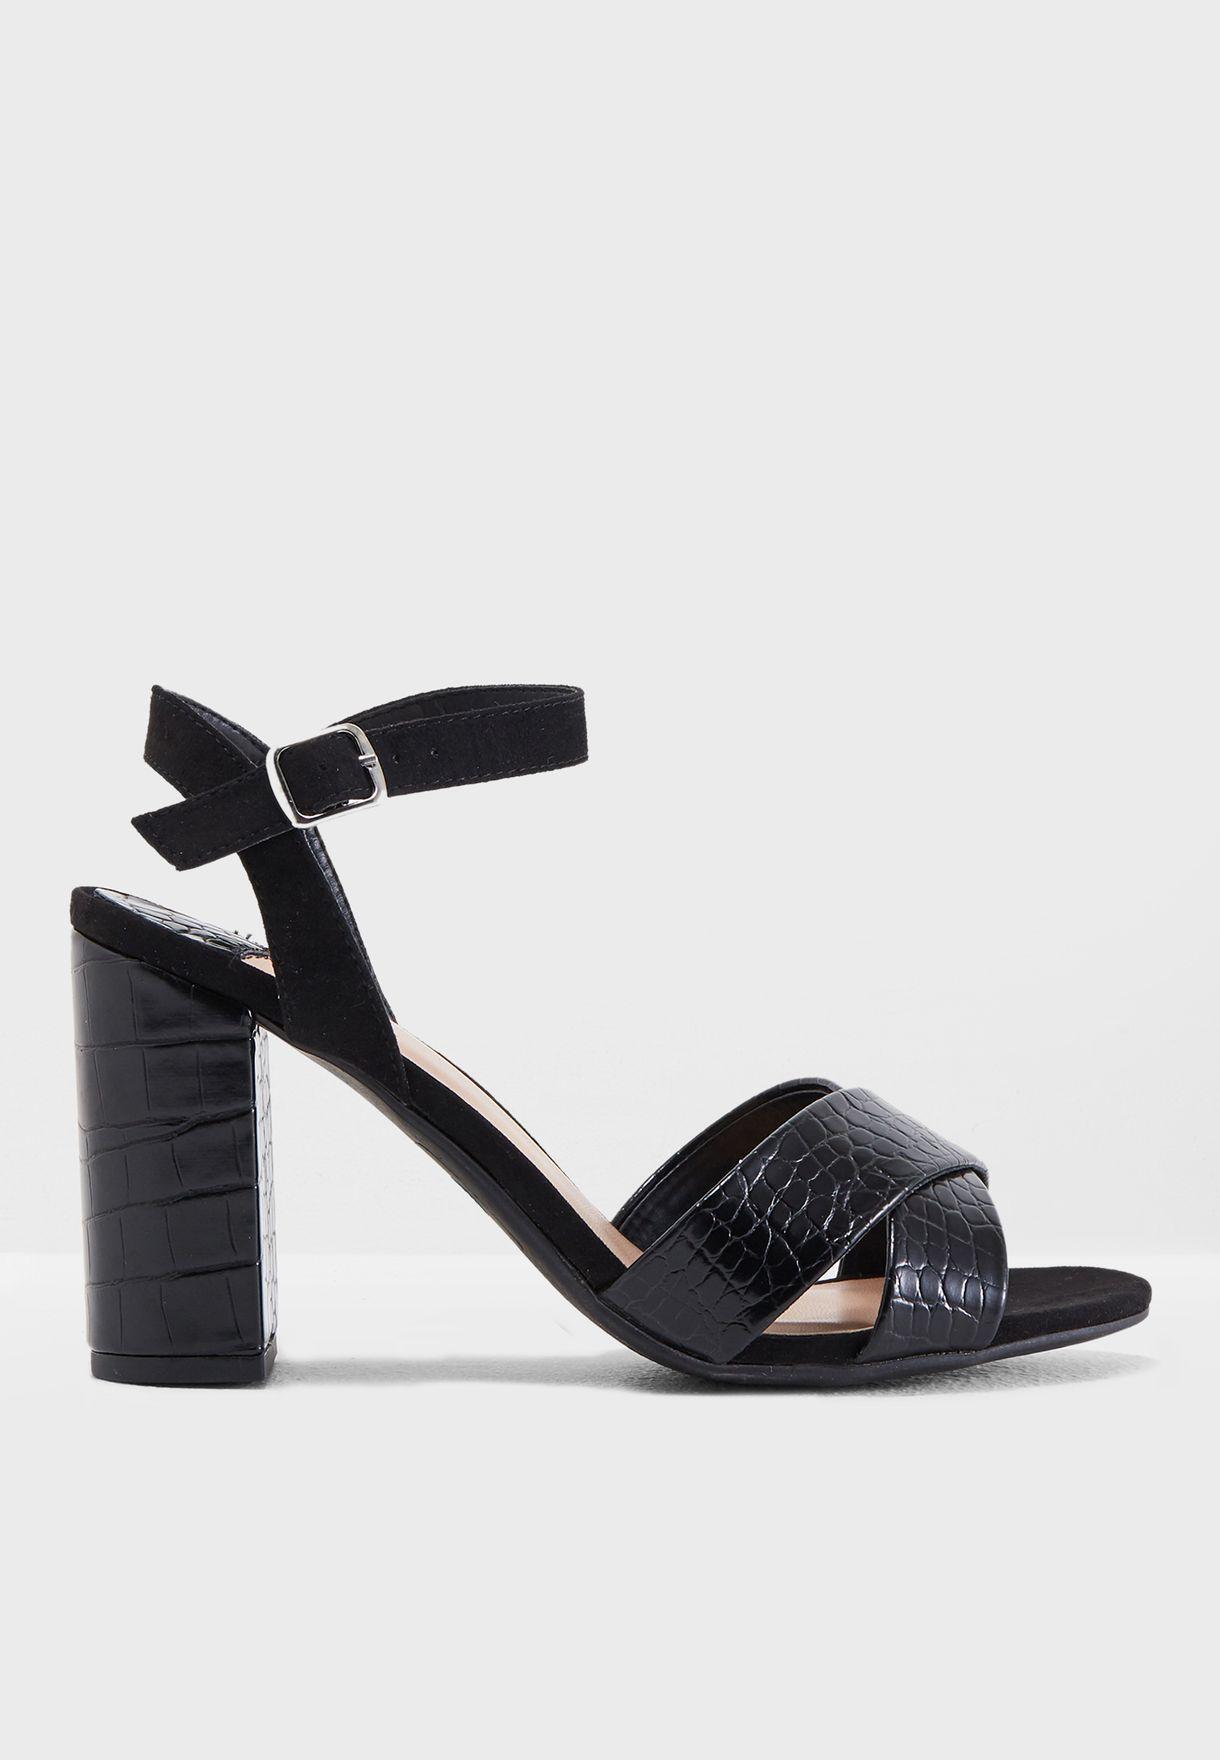 454a8125d08 Shop Dorothy Perkins black Wide Fit Serena Croc-Debossed Sandals ...